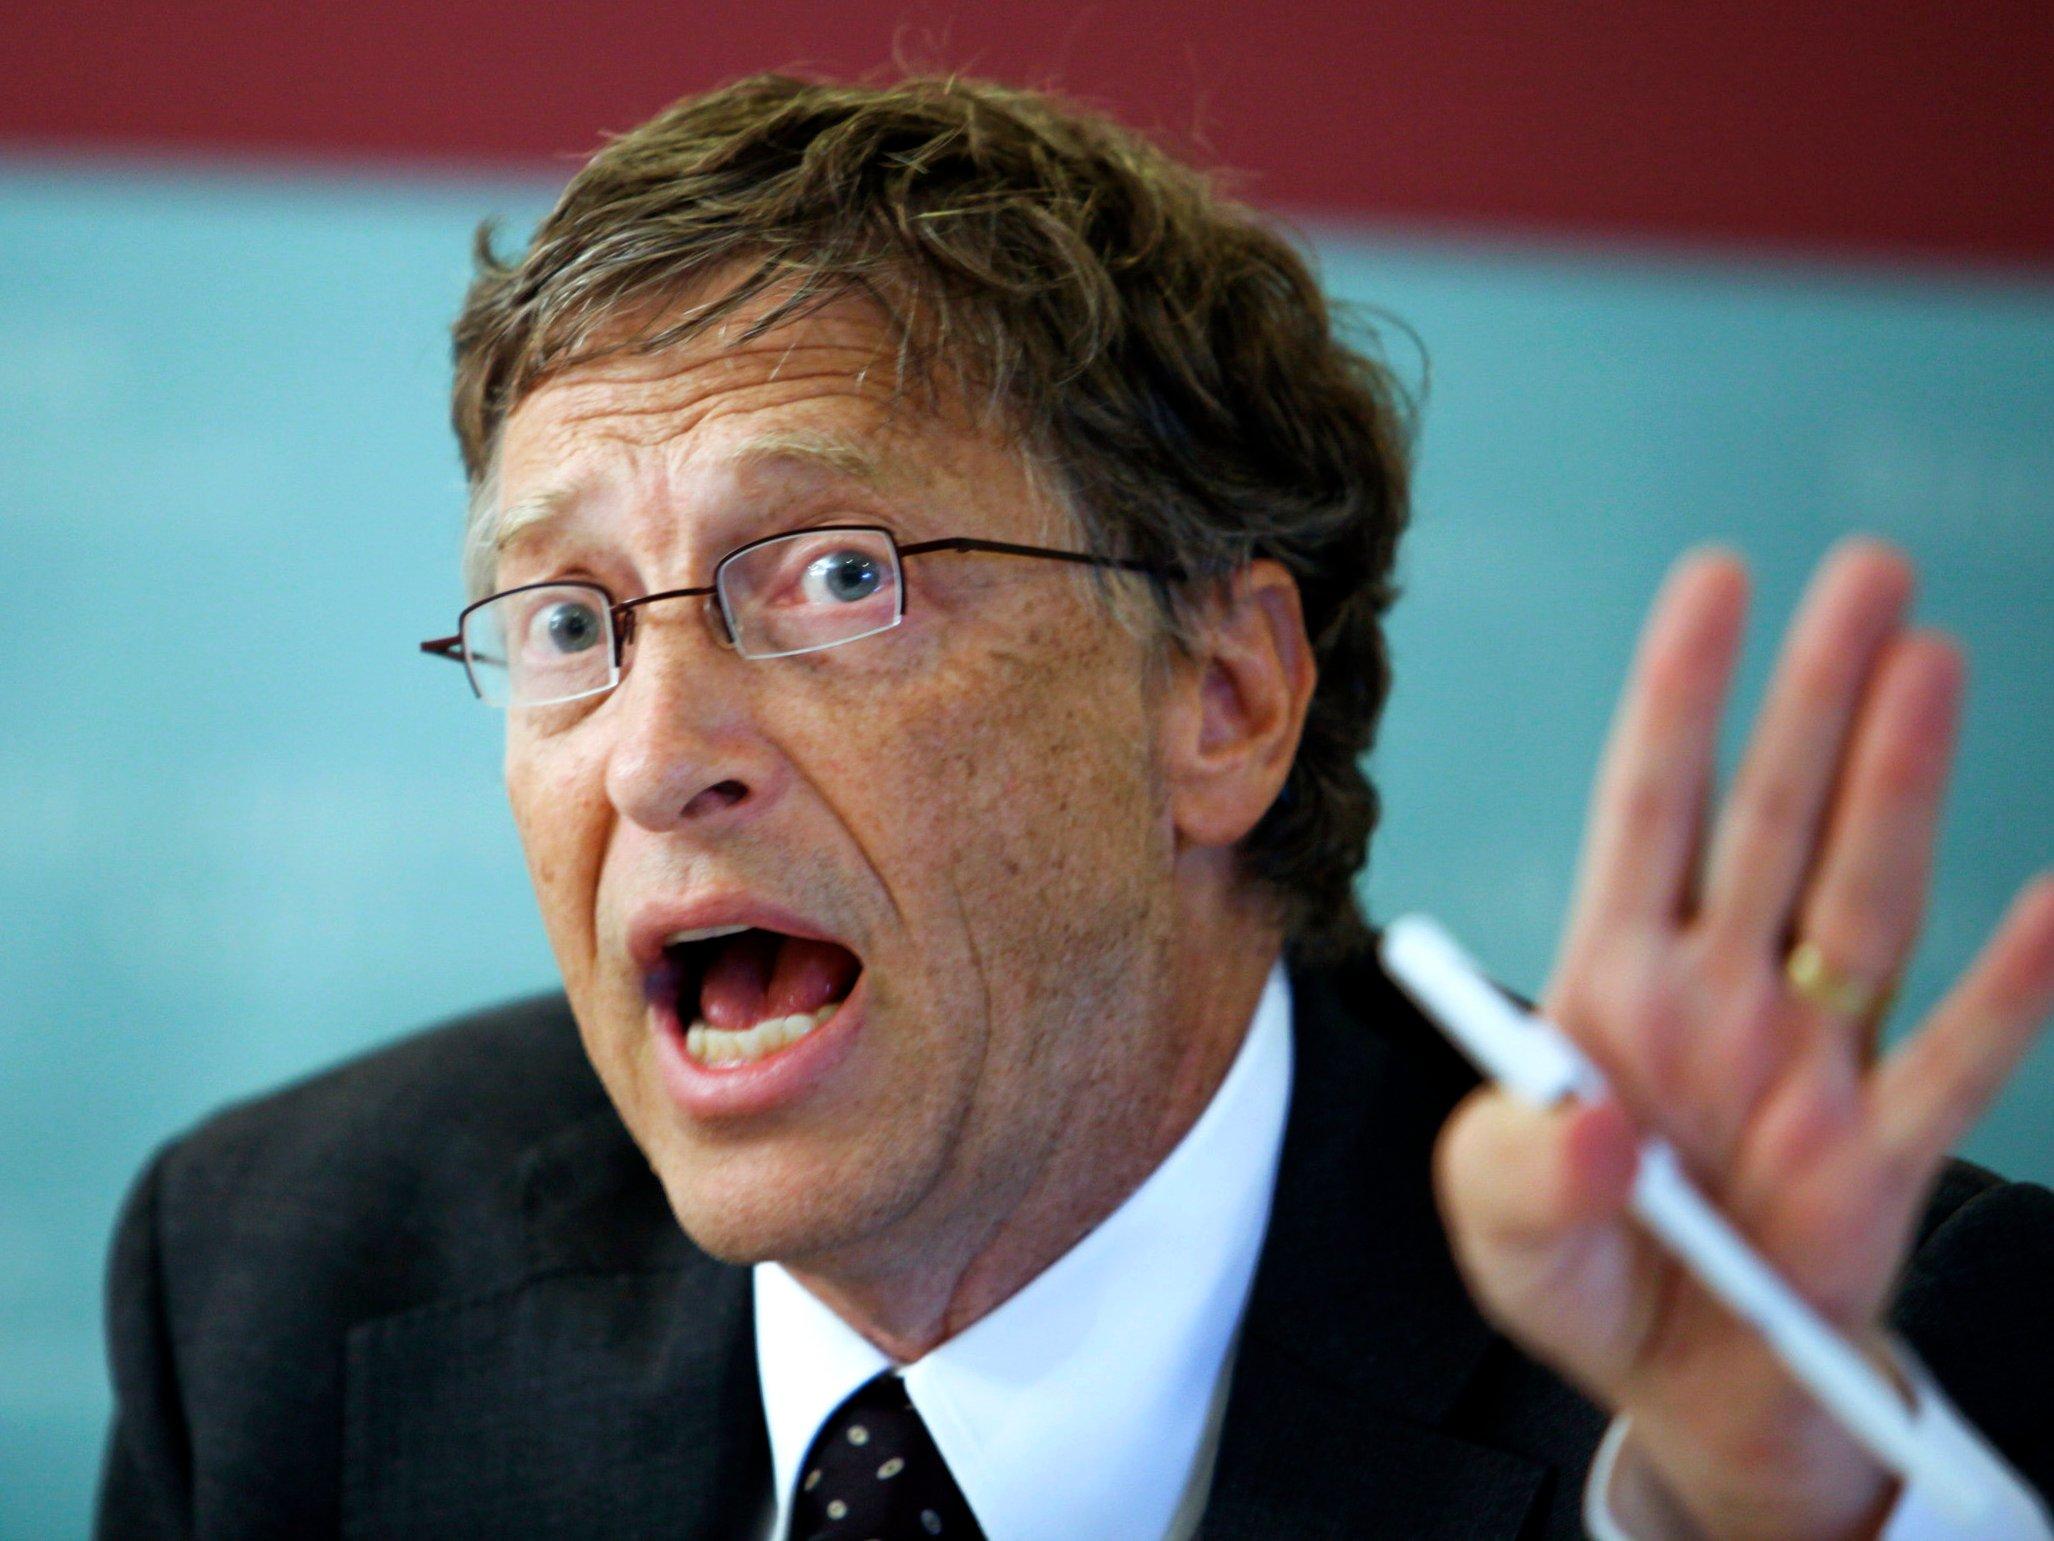 «Это пугает,— сказал Билл Гейтс.— Без инвестиций висследования иразработку унас небудет новых открытий, которые бы помогли замедлить распространение ВИЧ».